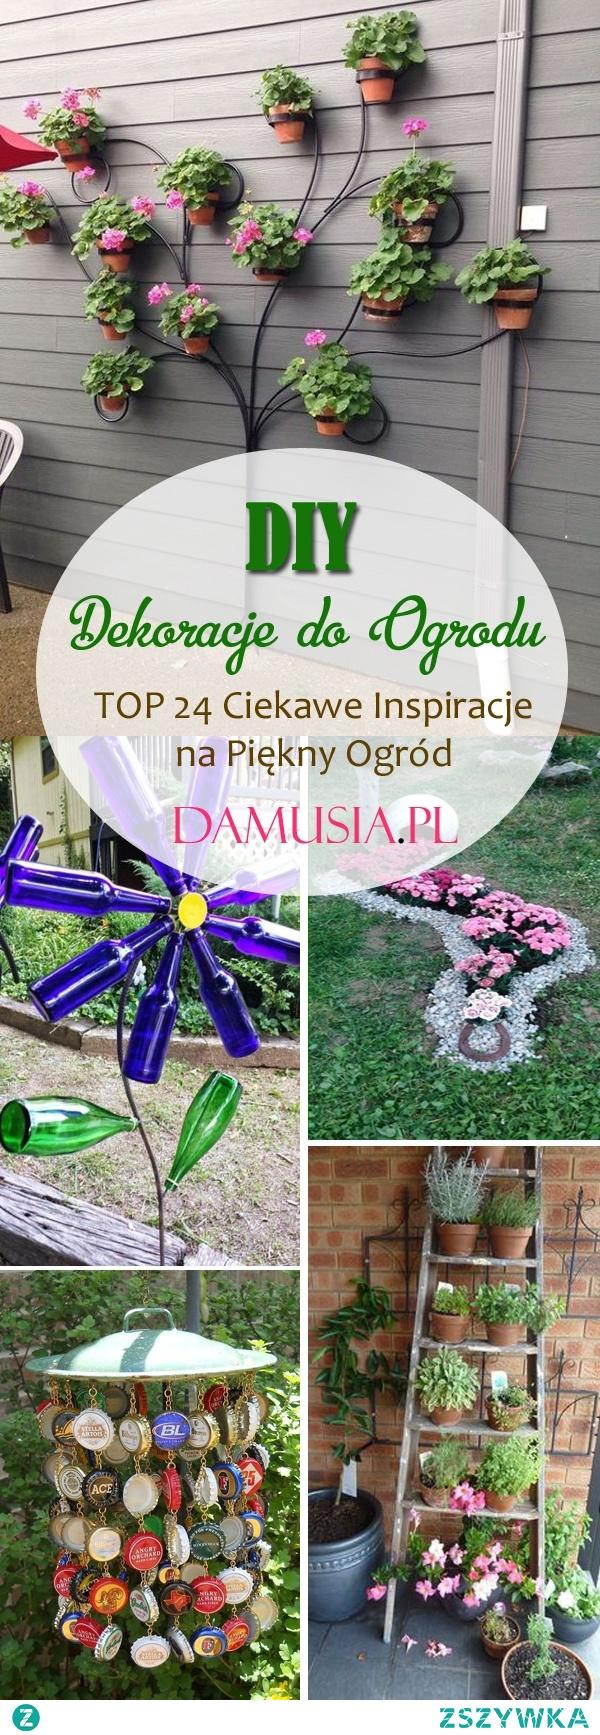 Diy Dekoracje do Ogrodu – TOP 24 Ciekawe Inspiracje i Pomysły na Piękny Ogród